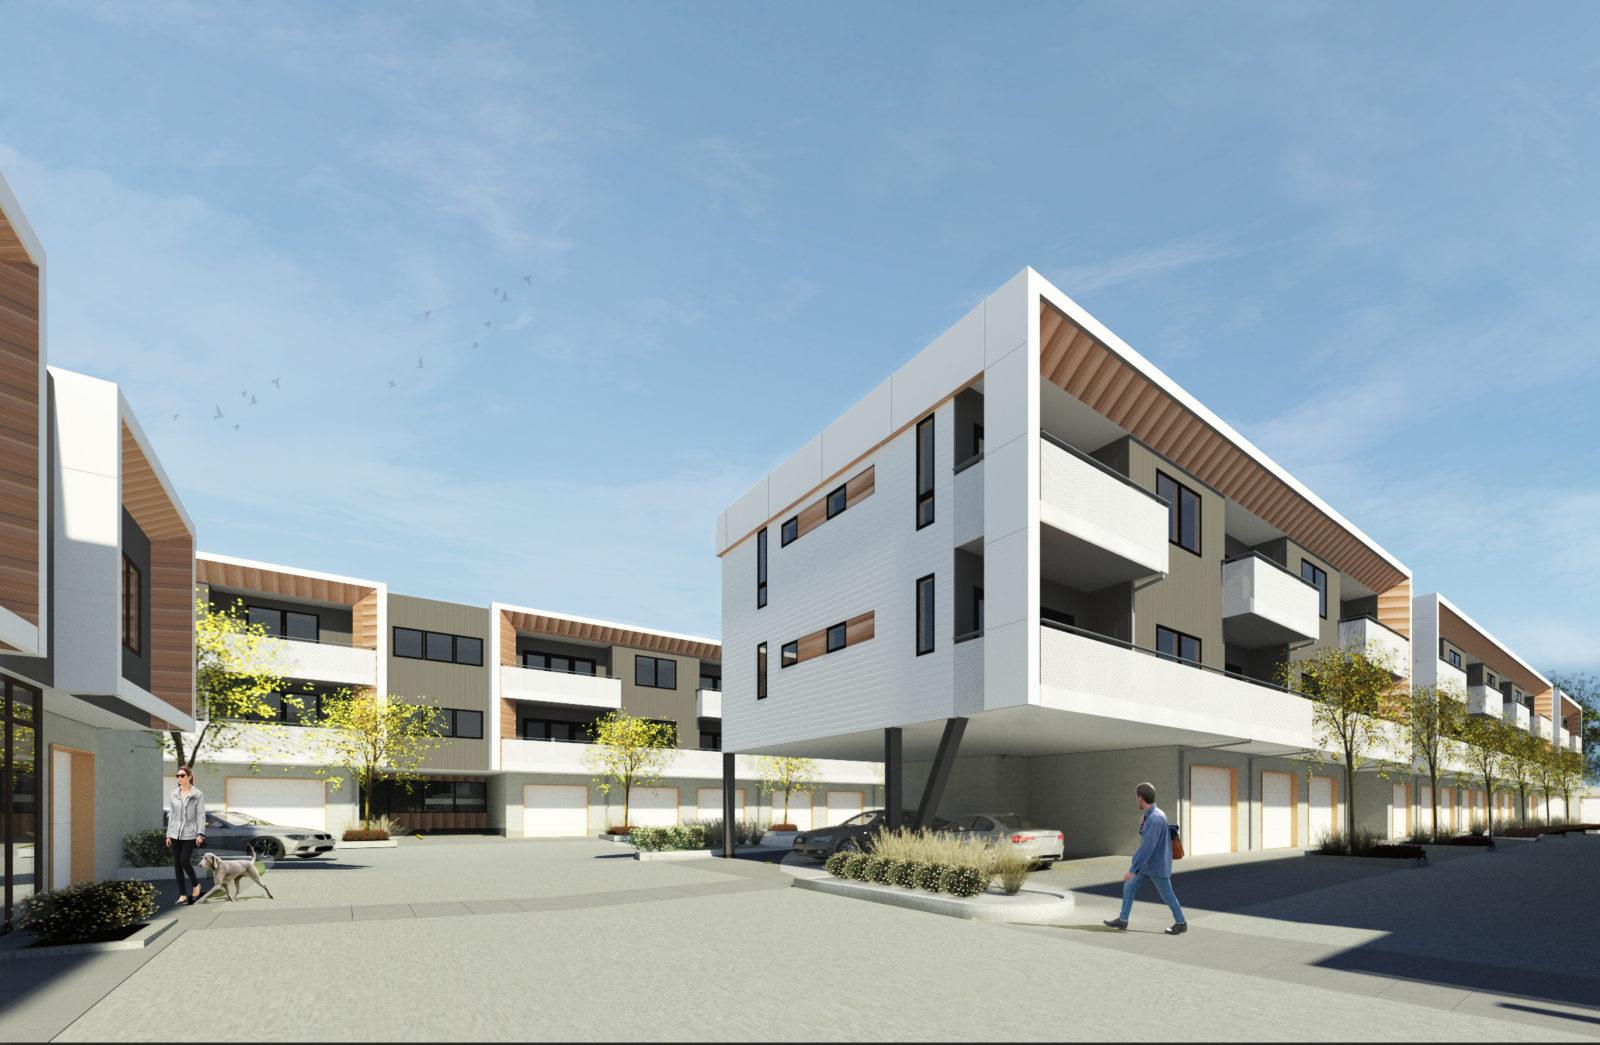 Velo Park Affordable Housing